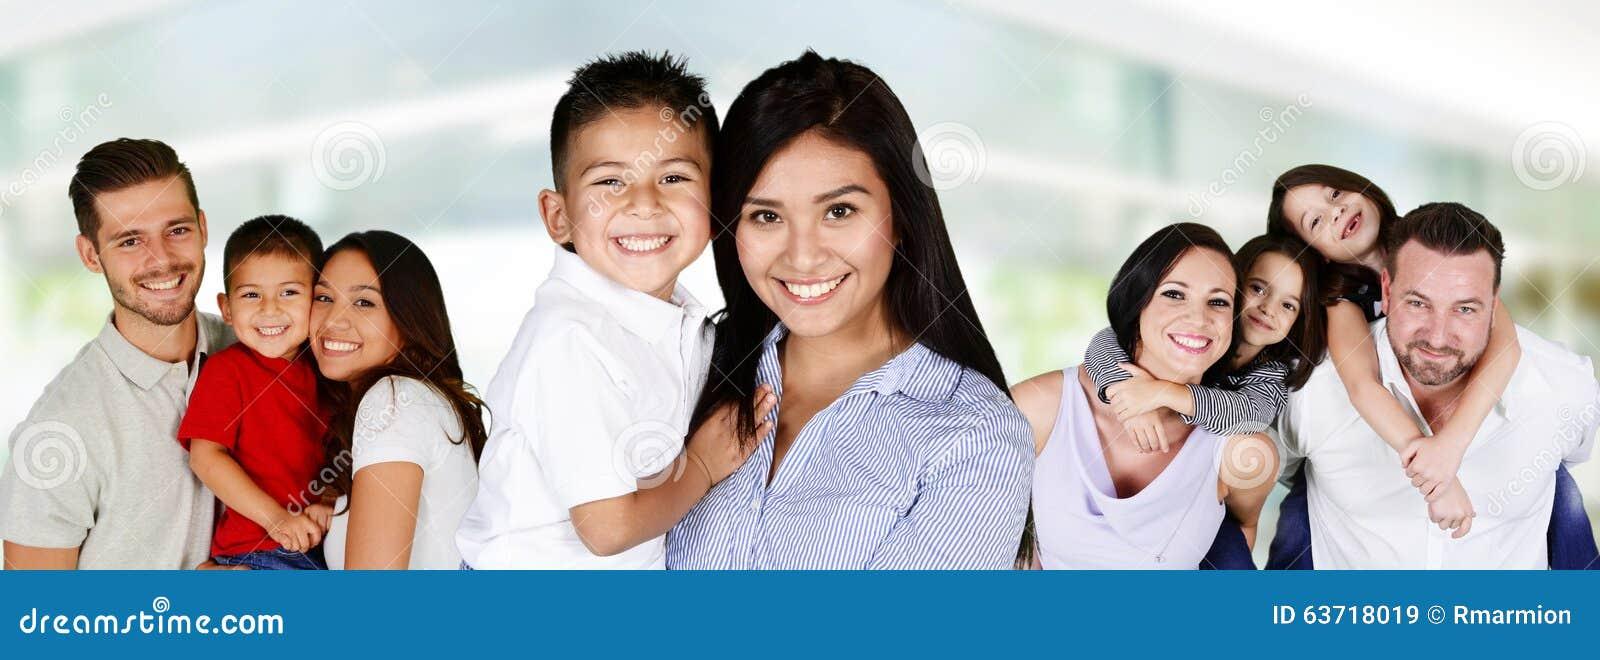 Glückliche junge Familien